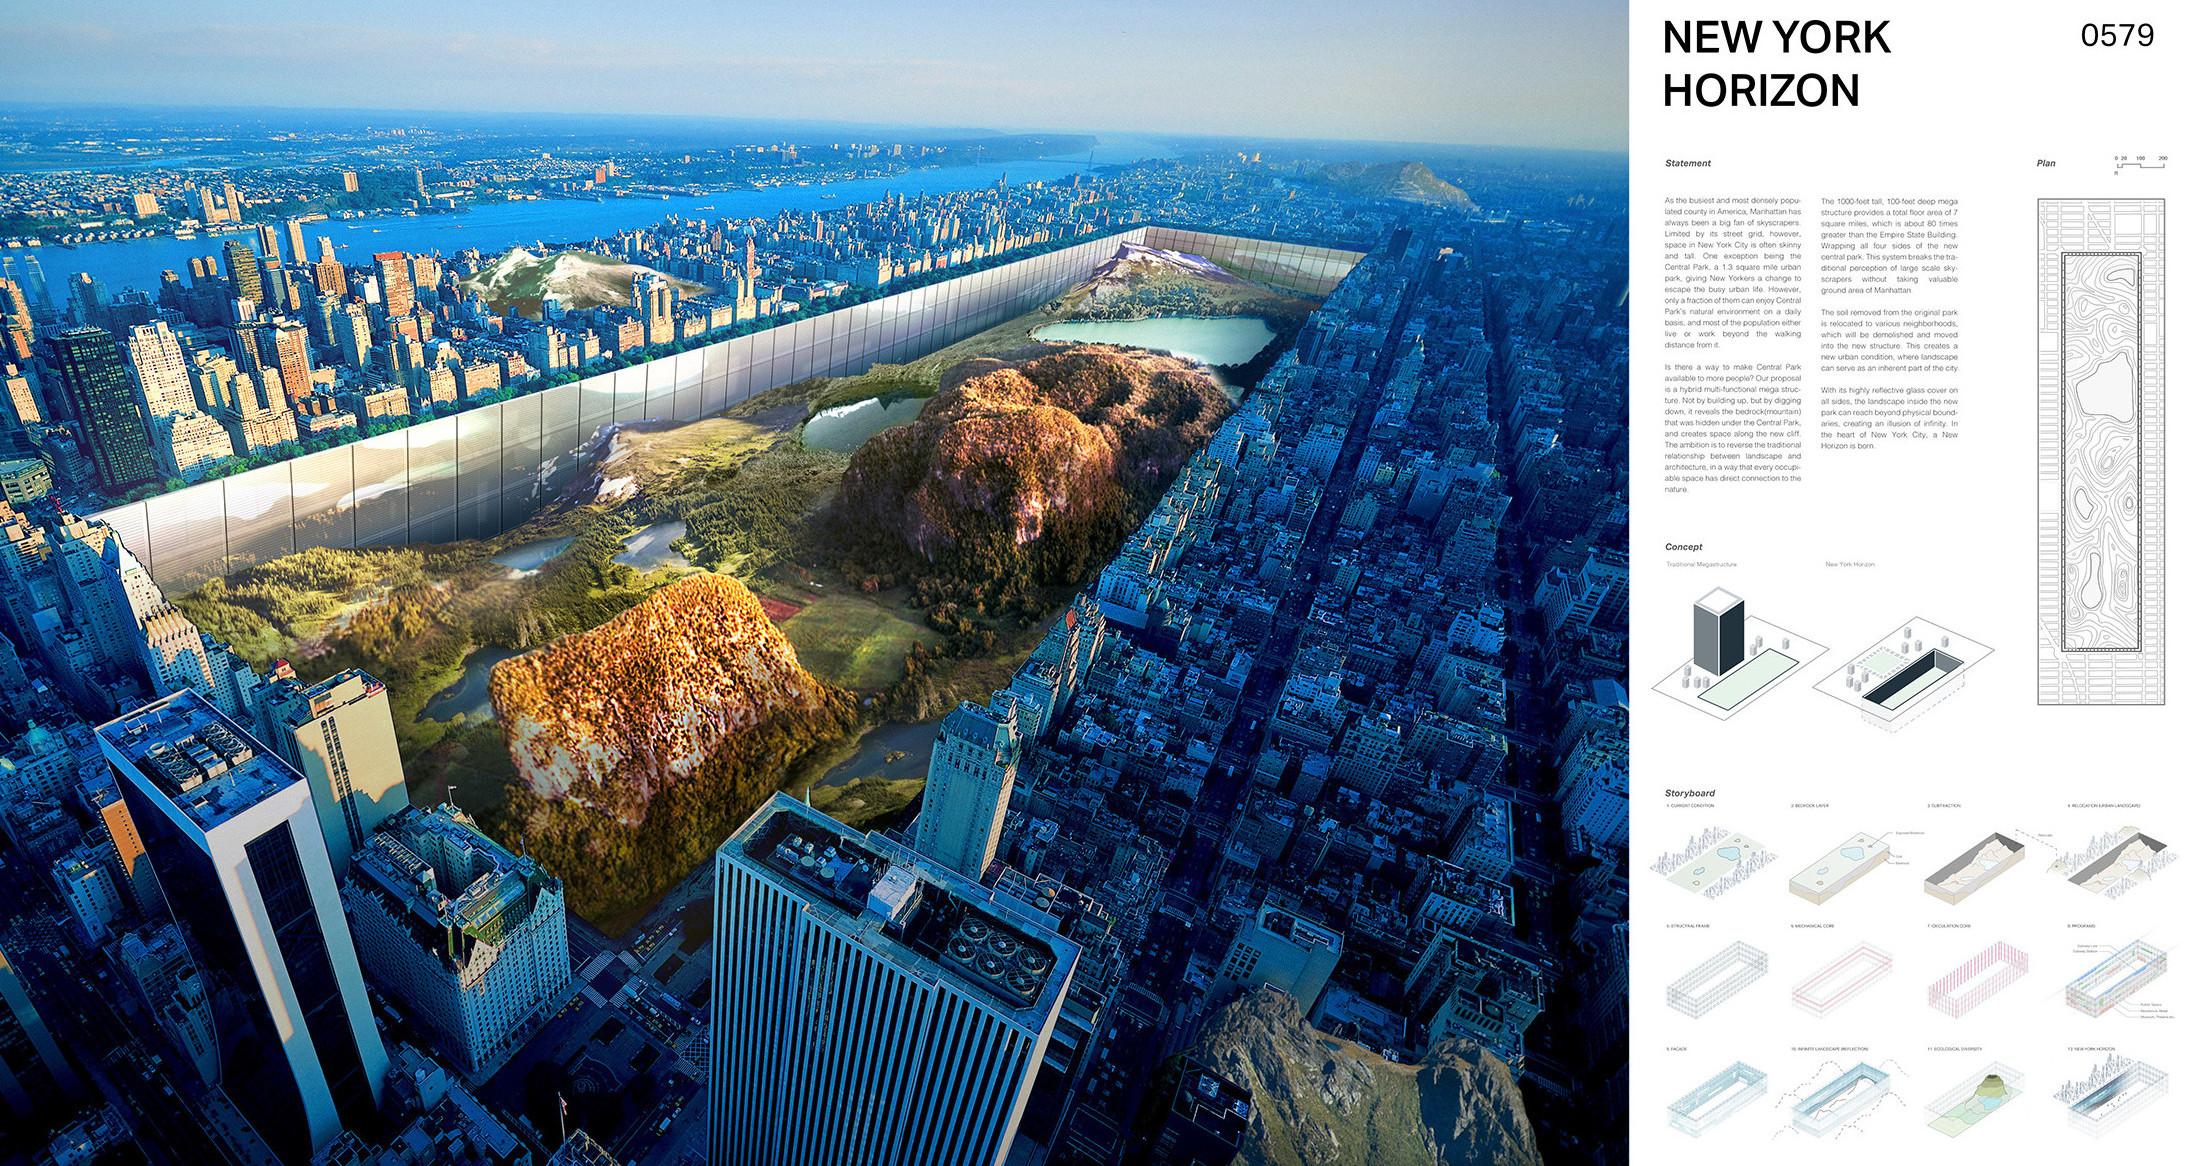 New York Horizon skyscraper, evolo competition winner 2016